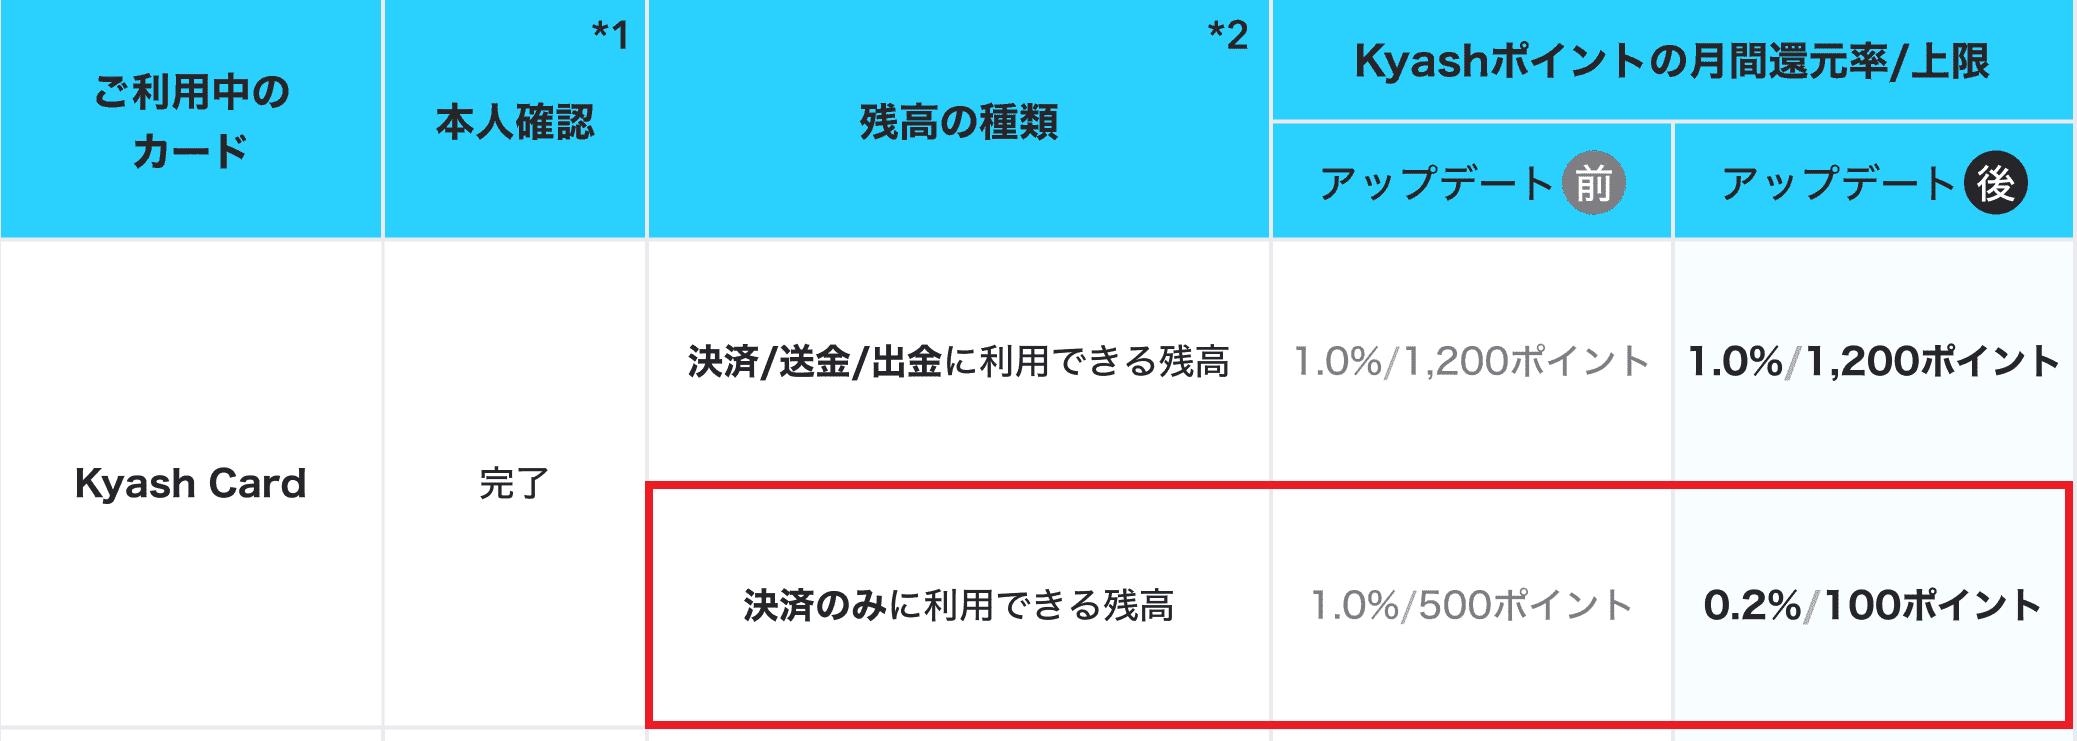 Kyash_改悪